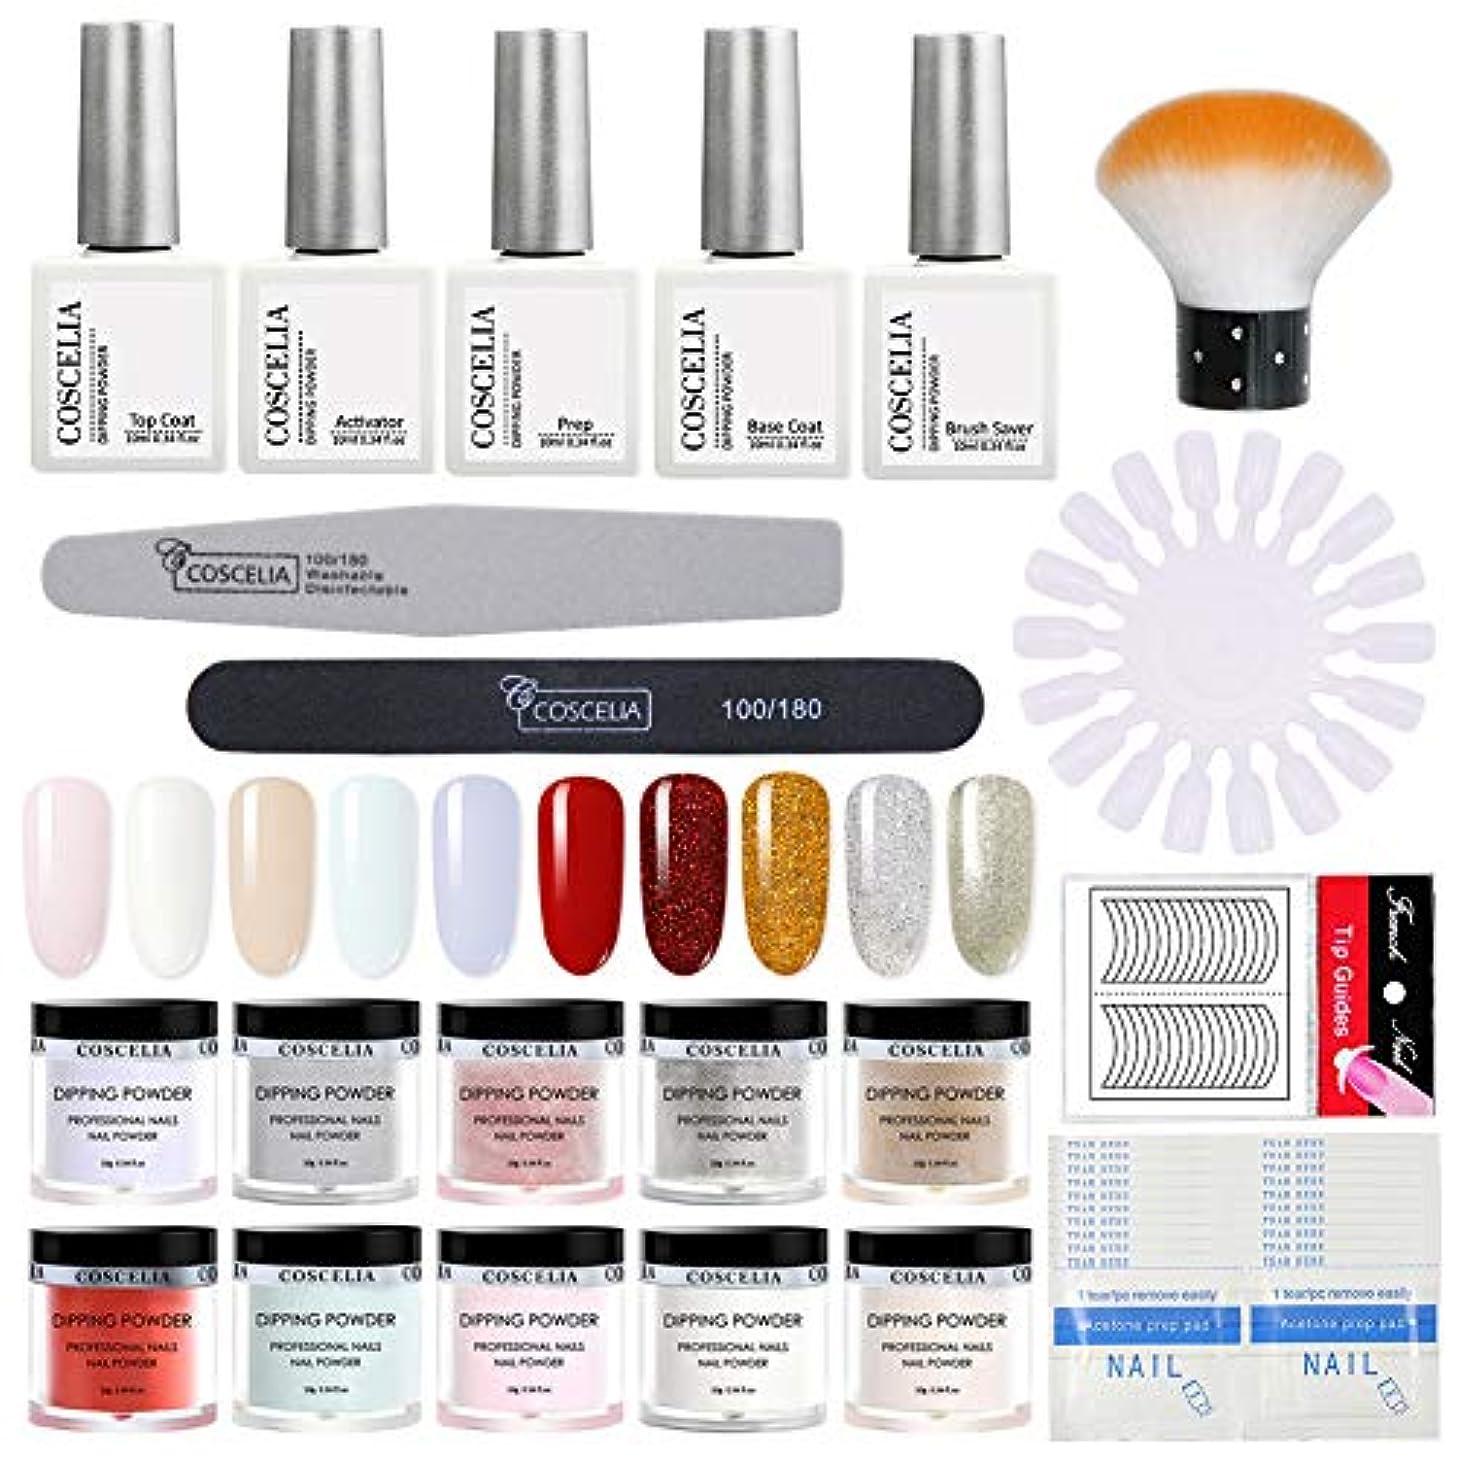 不振開梱僕の浸漬パウダーカラー ディッピングパウダー 10色ネイルパウダーセット UV/LEDライトを必要がない ネイルデザインパウダー 自宅ネイル セルフネイルキット